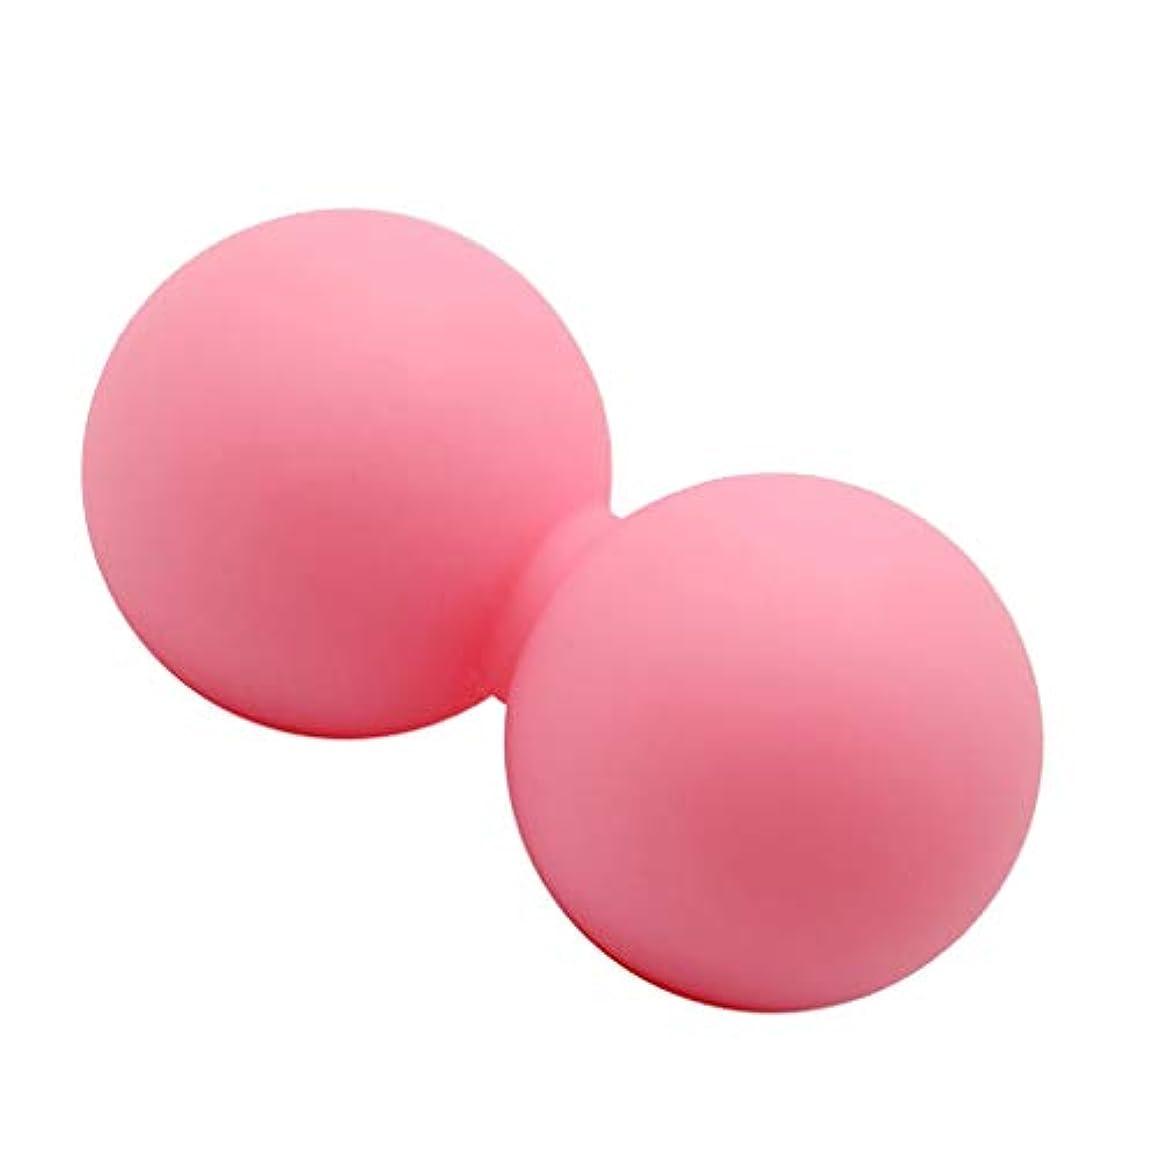 アトム置くためにパック欺くマッサージ ヨガボール ピーナッツ形 痛み緩和 ピンク